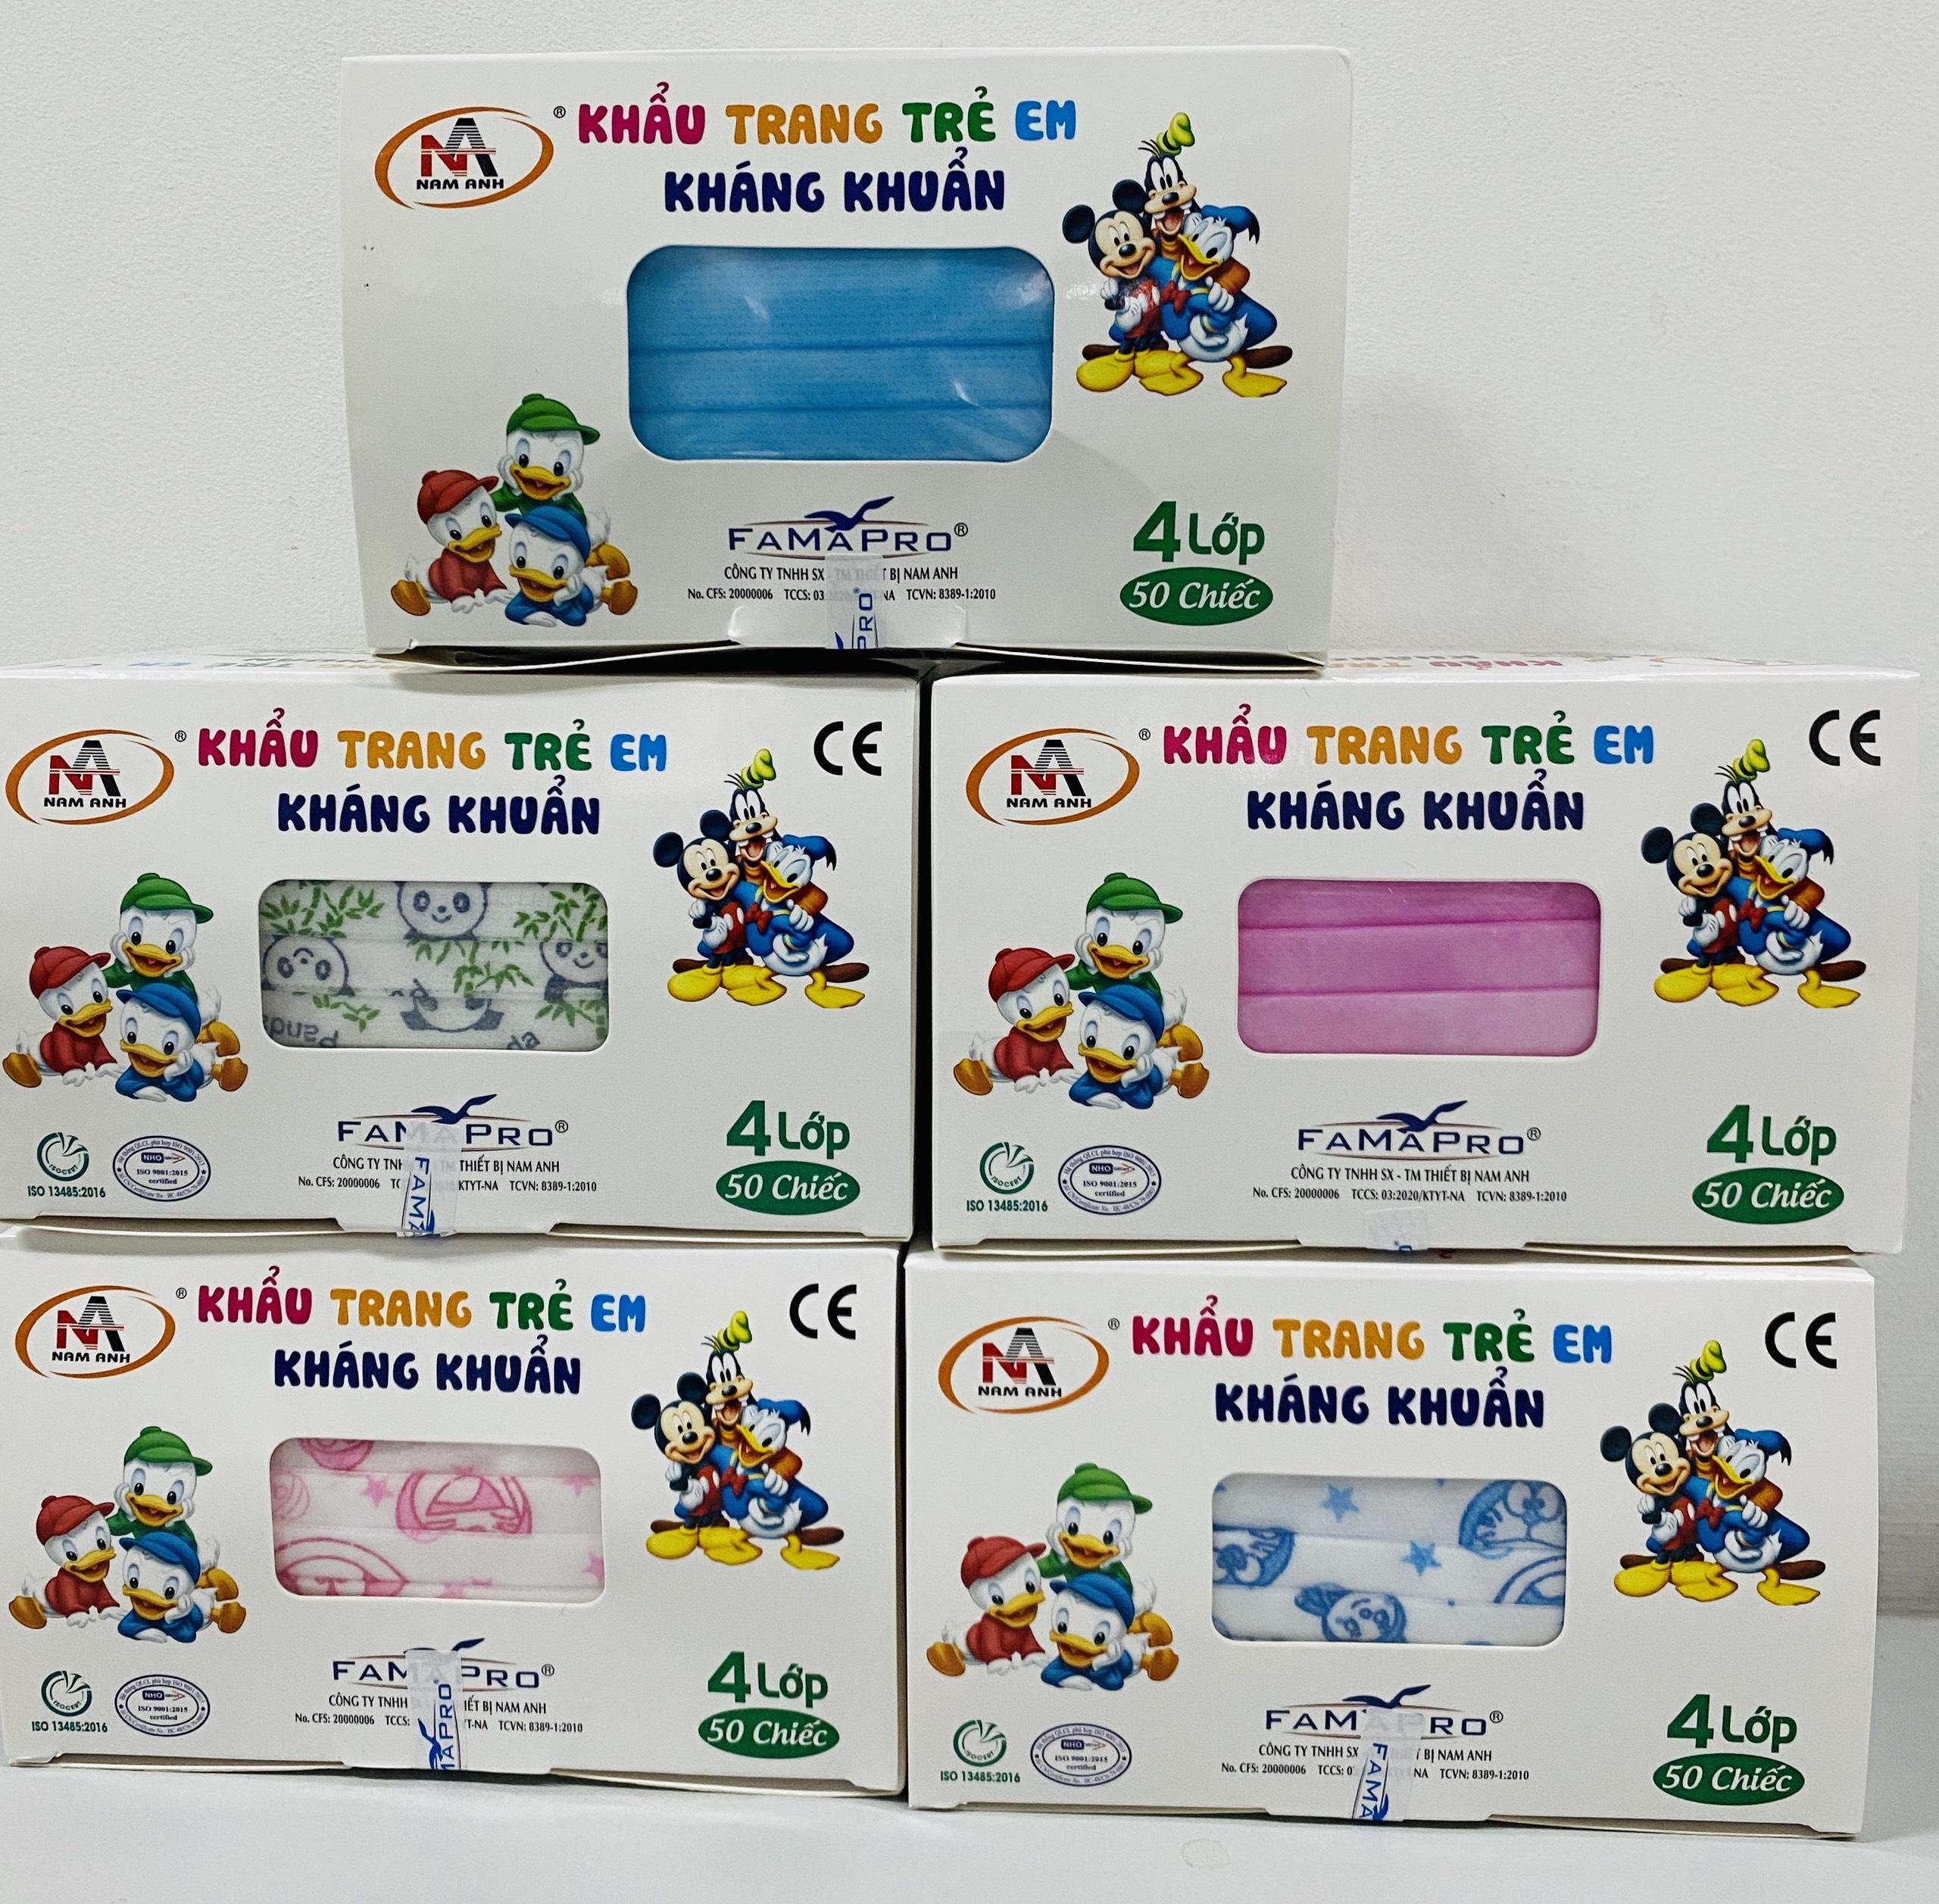 Khẩu trang trẻ em kháng khuẩn Famapro (Hộp 50 cái - Màu hồng Kitty)